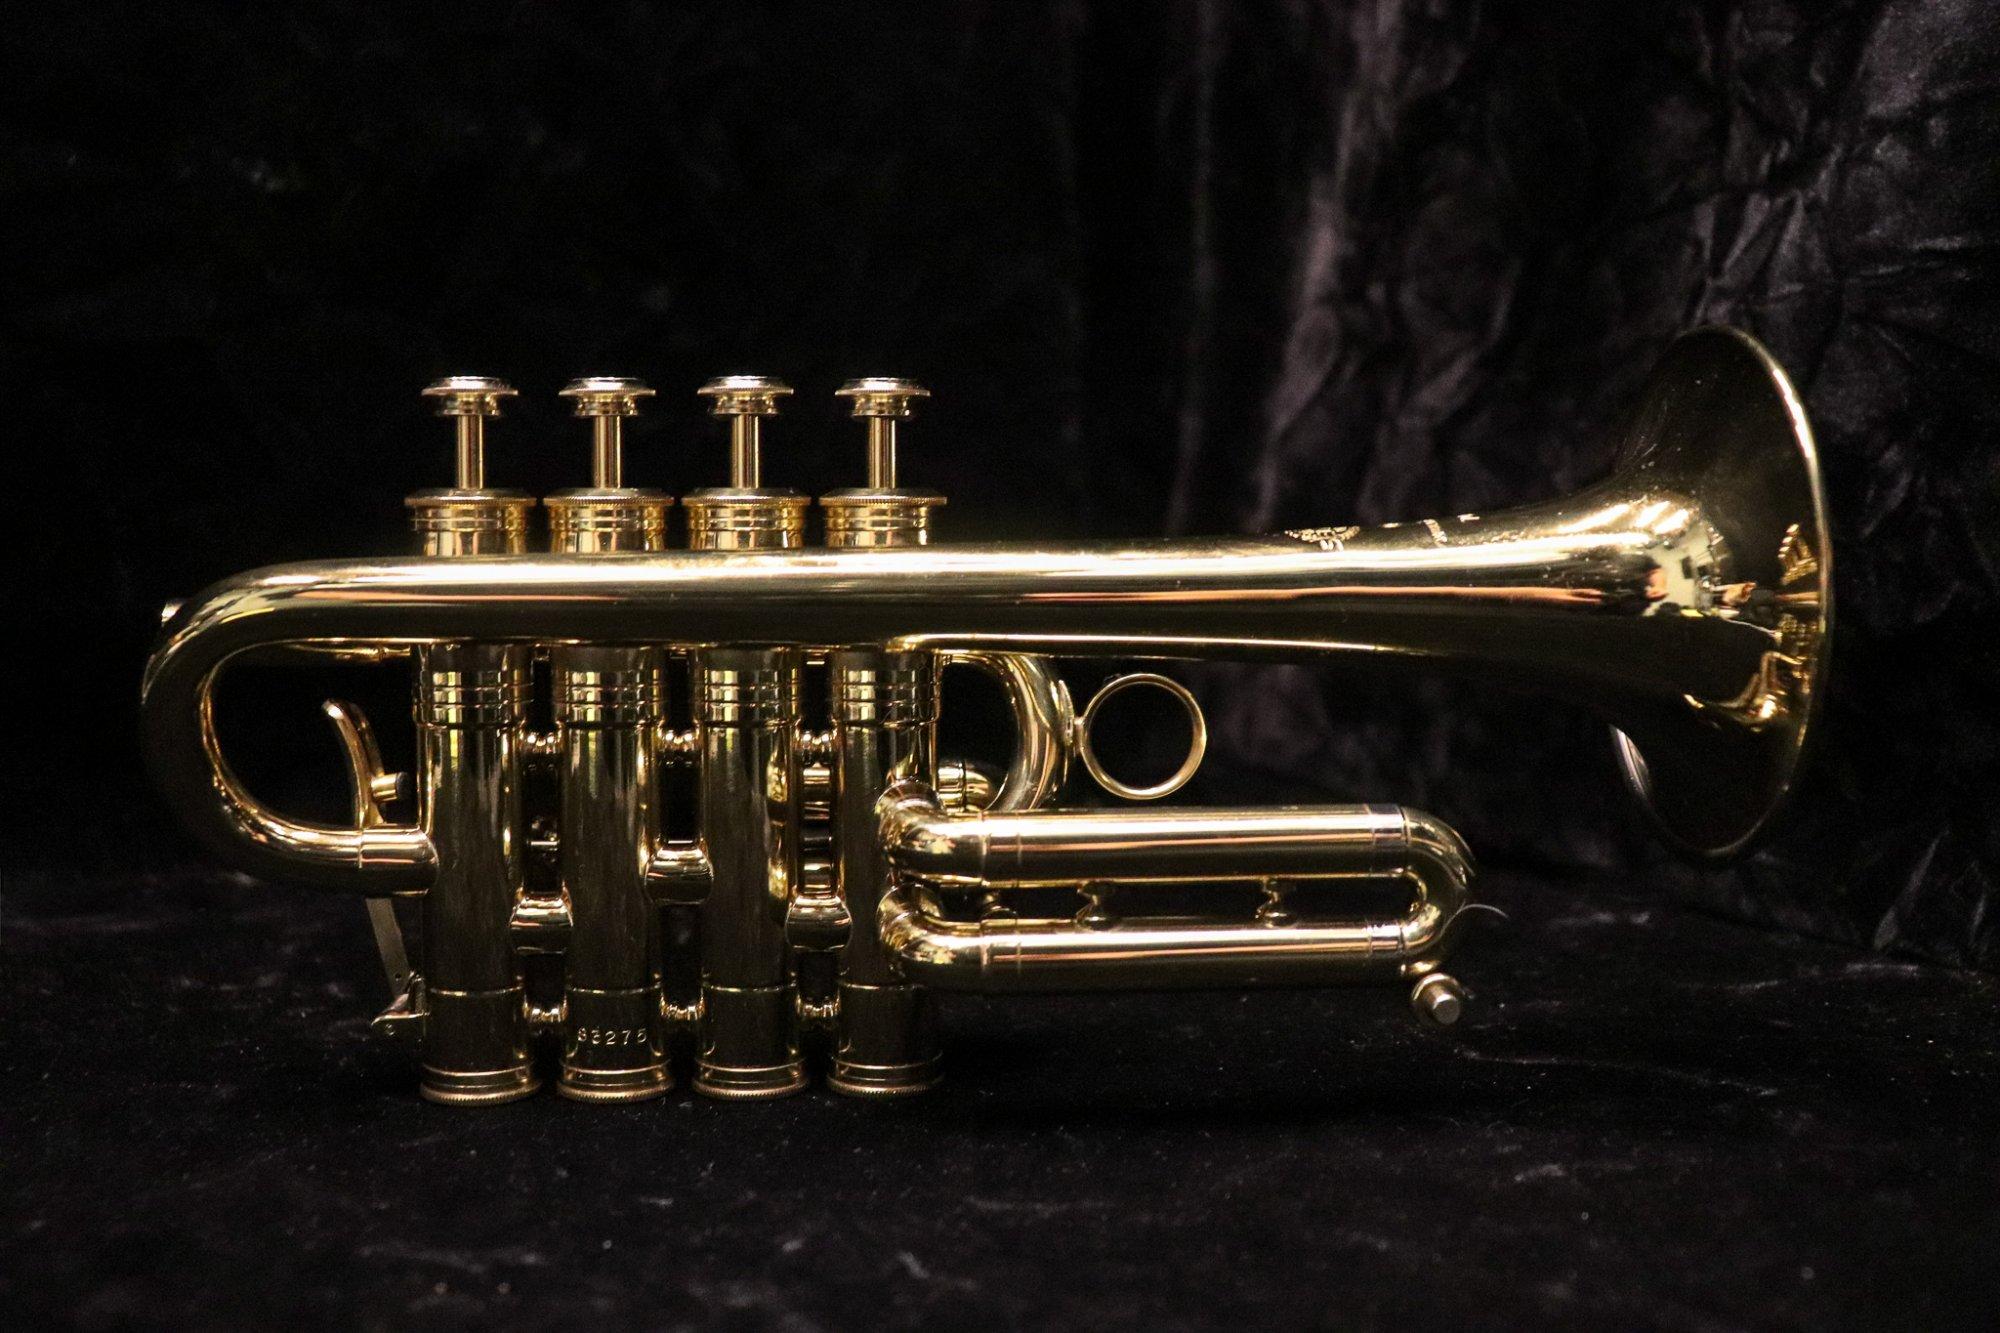 1988 Selmer 703 Bb/A Piccolo